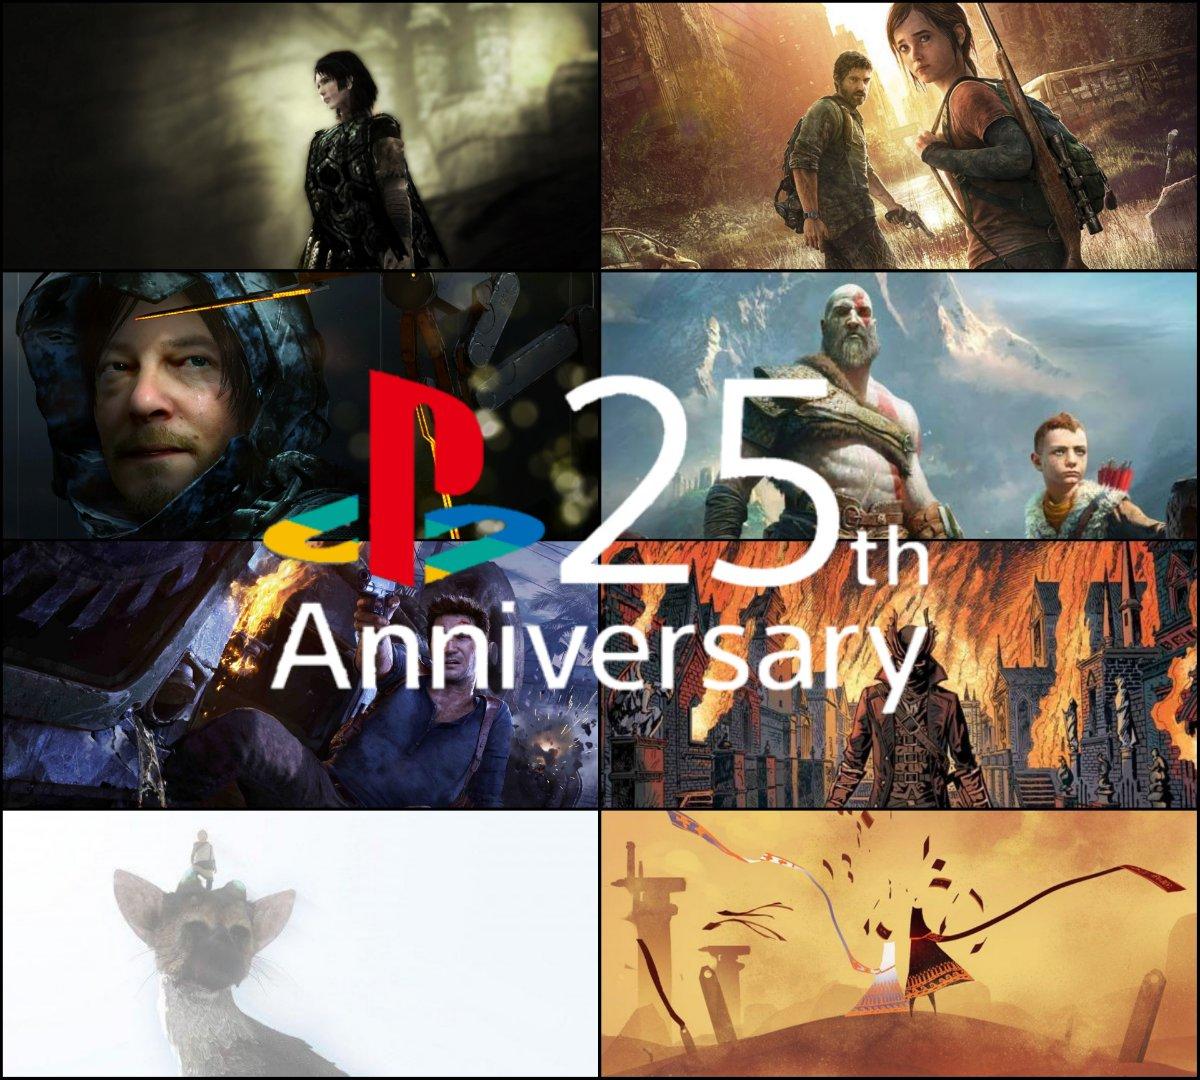 25 anos de PlayStation, foi onde eu me apaixonei por games.  1- Shadow of the Colossus 2- The Last of Us 3- Death Stranding  4- God of War 5- Uncharted 4 6- Bloodborne  7- The Last Guardian  8- Journey 9- Uncharted 2 10- God of War(2005)  Quais seus 10 games favoritos da Sony? <br>http://pic.twitter.com/r9mj4U1Znk